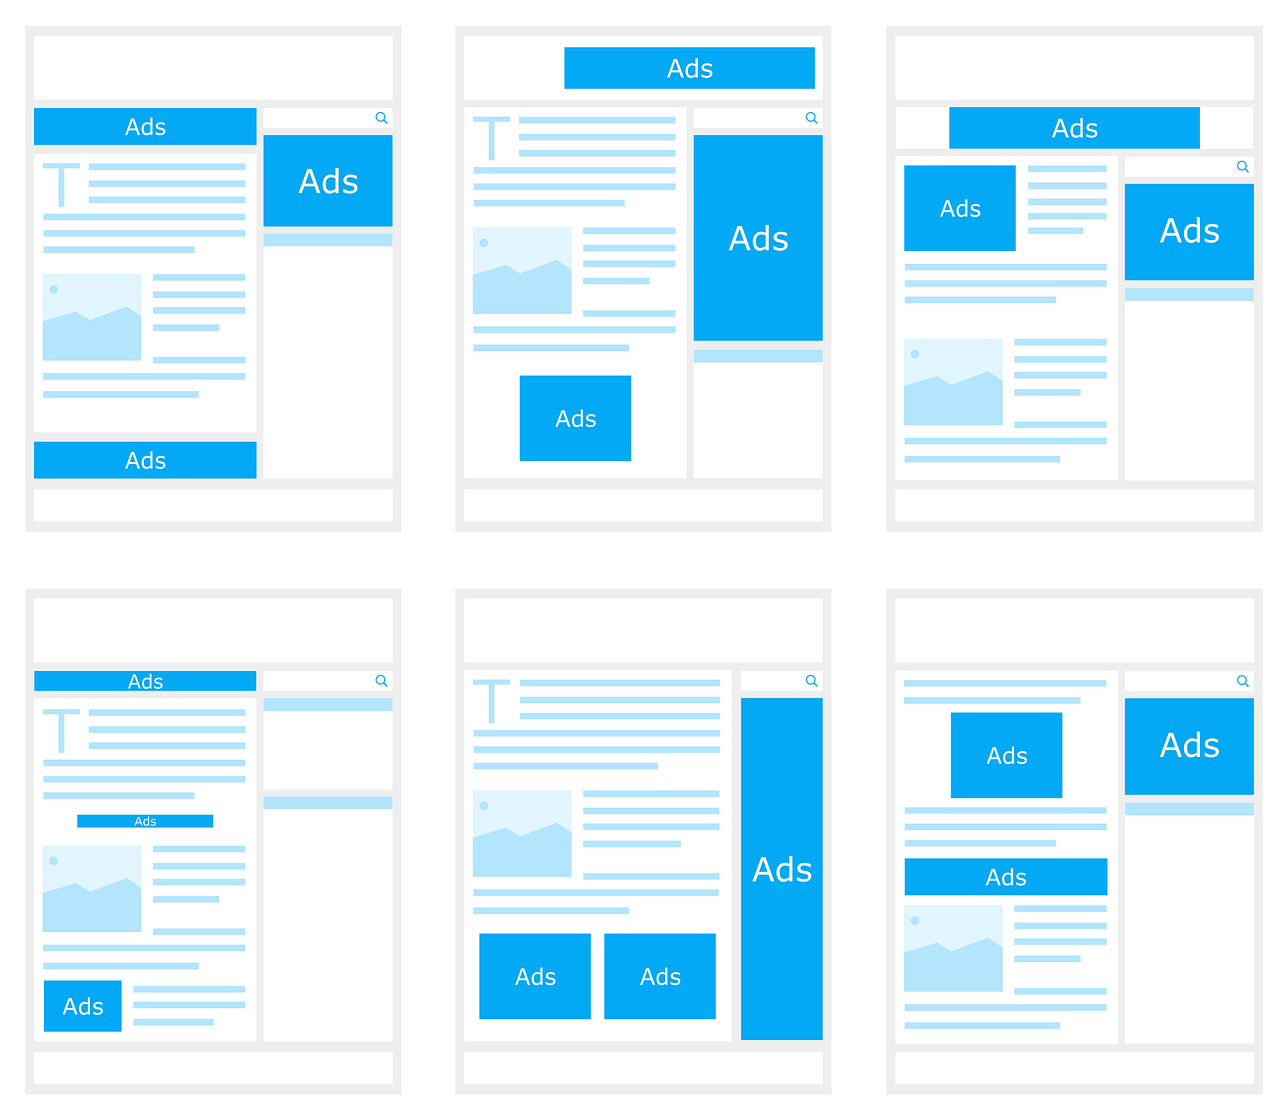 【初心者向け】AdSense基本の3つの設置場所